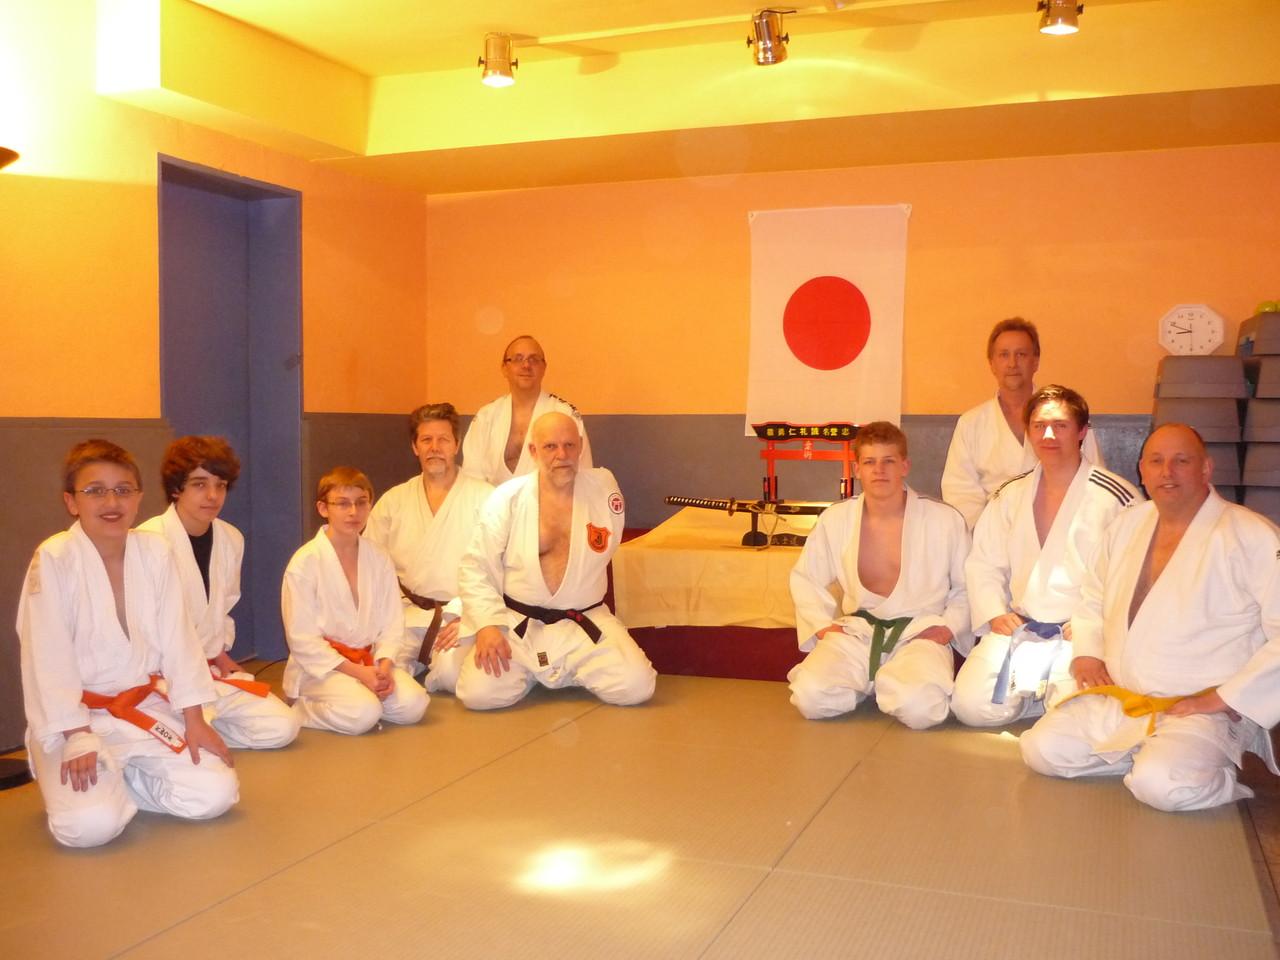 Erinnerungsfoto - Judo Club Holzwickede und Zen-Ki-Budo